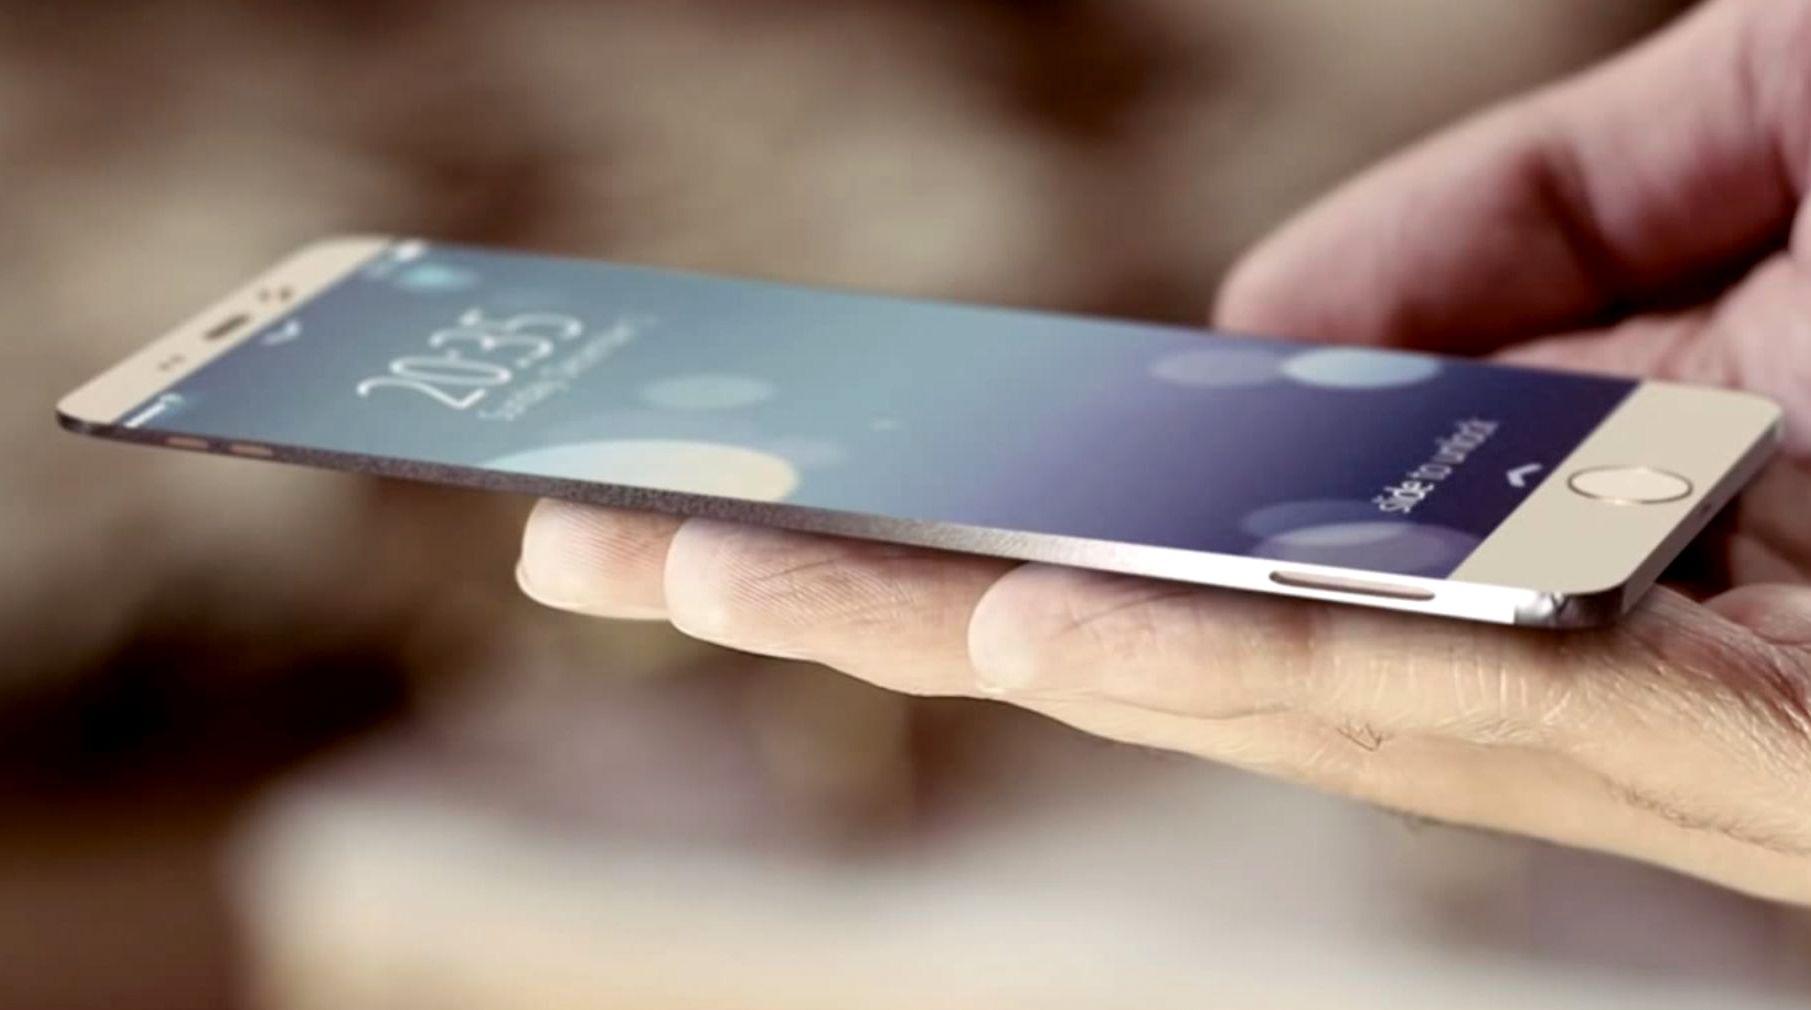 iPhone 6 Air 5